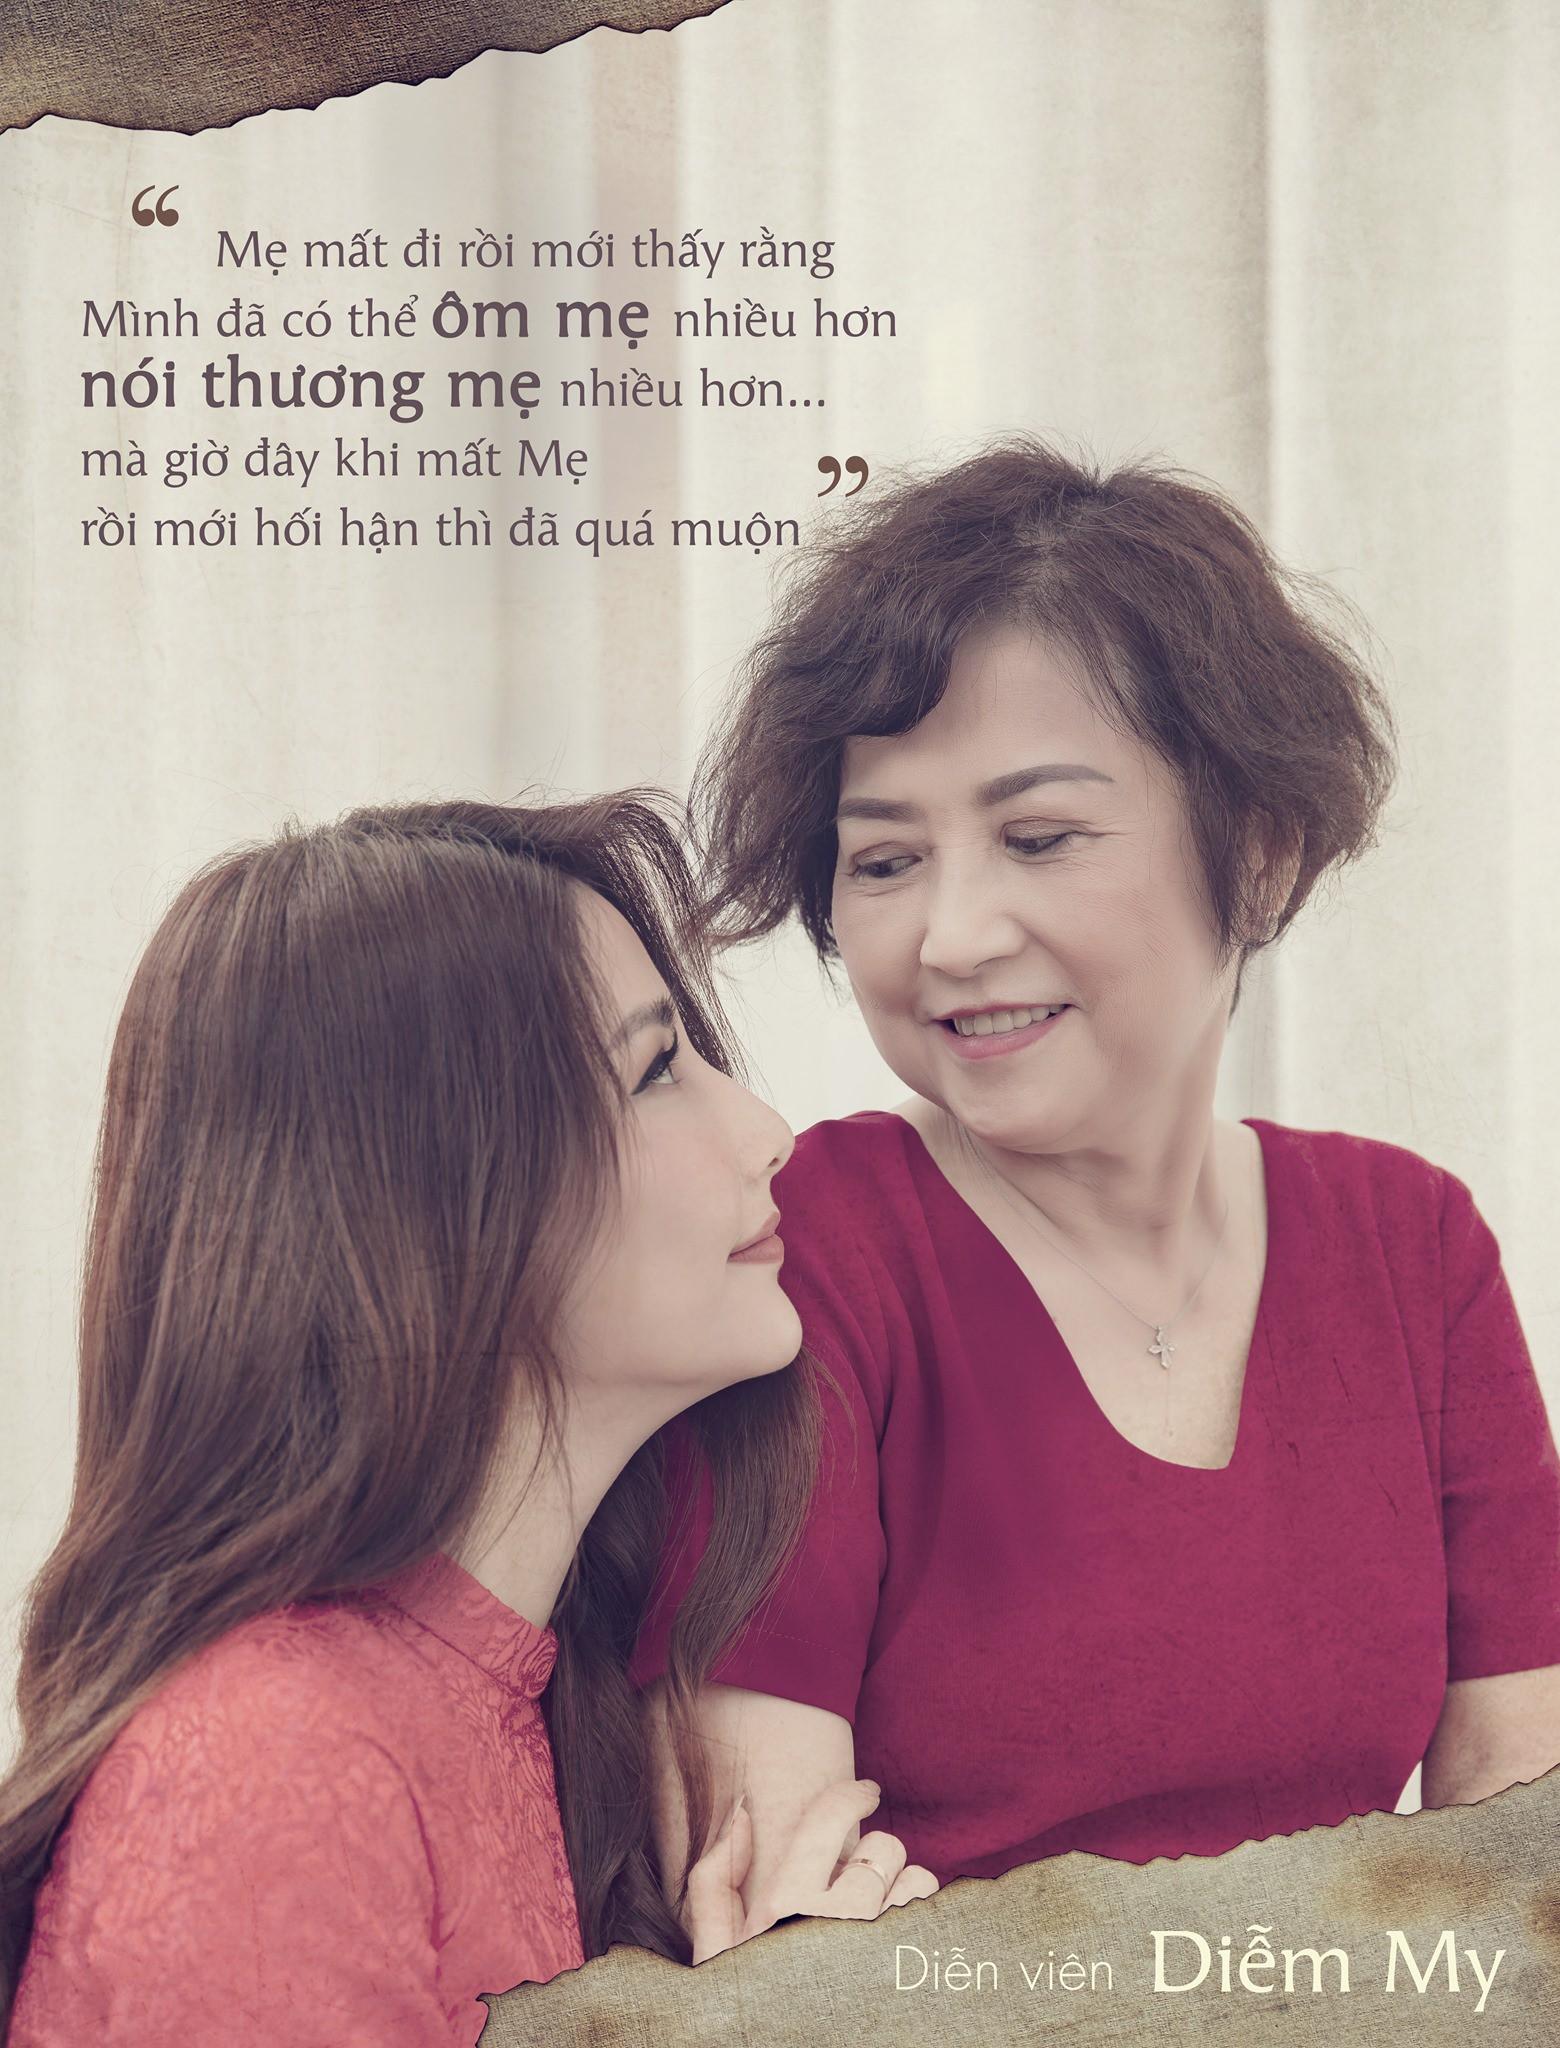 Hơn 10 ngày sau tang lễ, loạt ảnh cùng những tâm sự của Diễm My 9x dành cho mẹ một lần nữa gây xúc động mạnh - Ảnh 4.